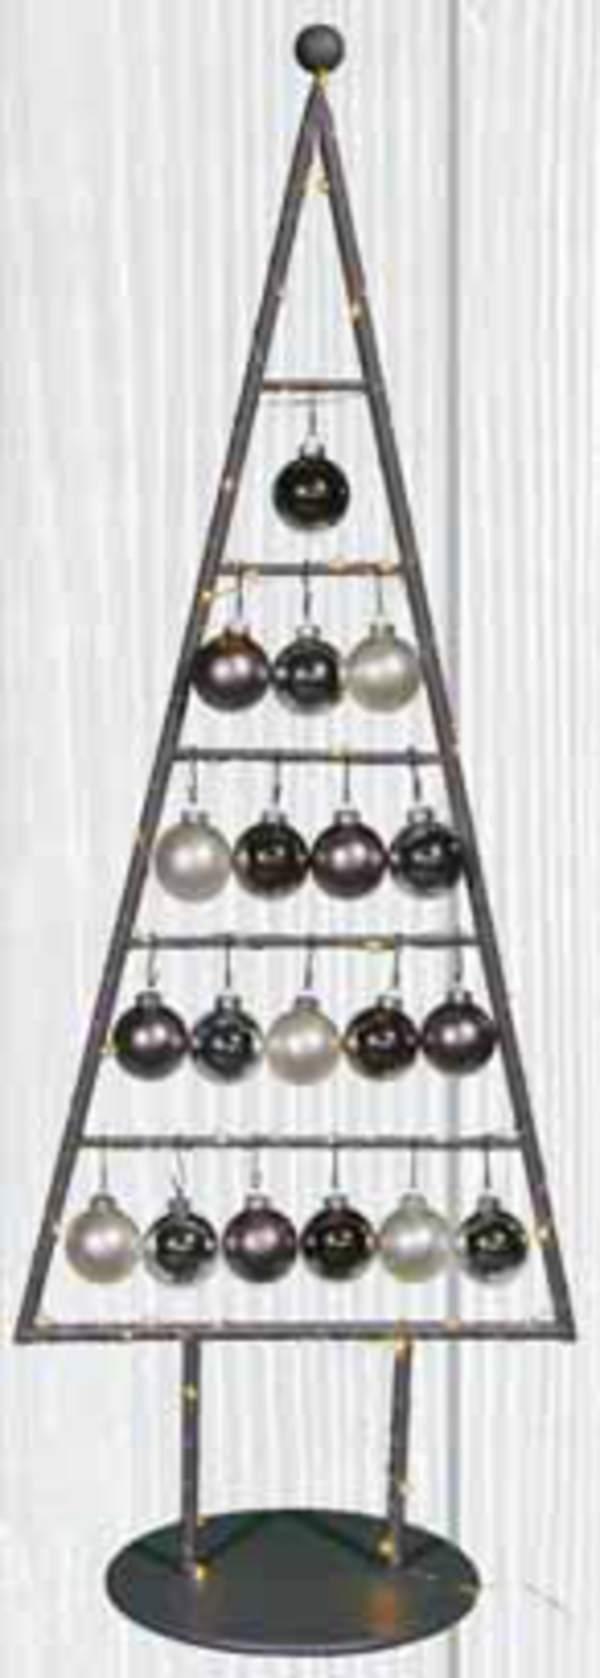 weihnachtsbaum aus metall beleuchtet von tegut ansehen. Black Bedroom Furniture Sets. Home Design Ideas